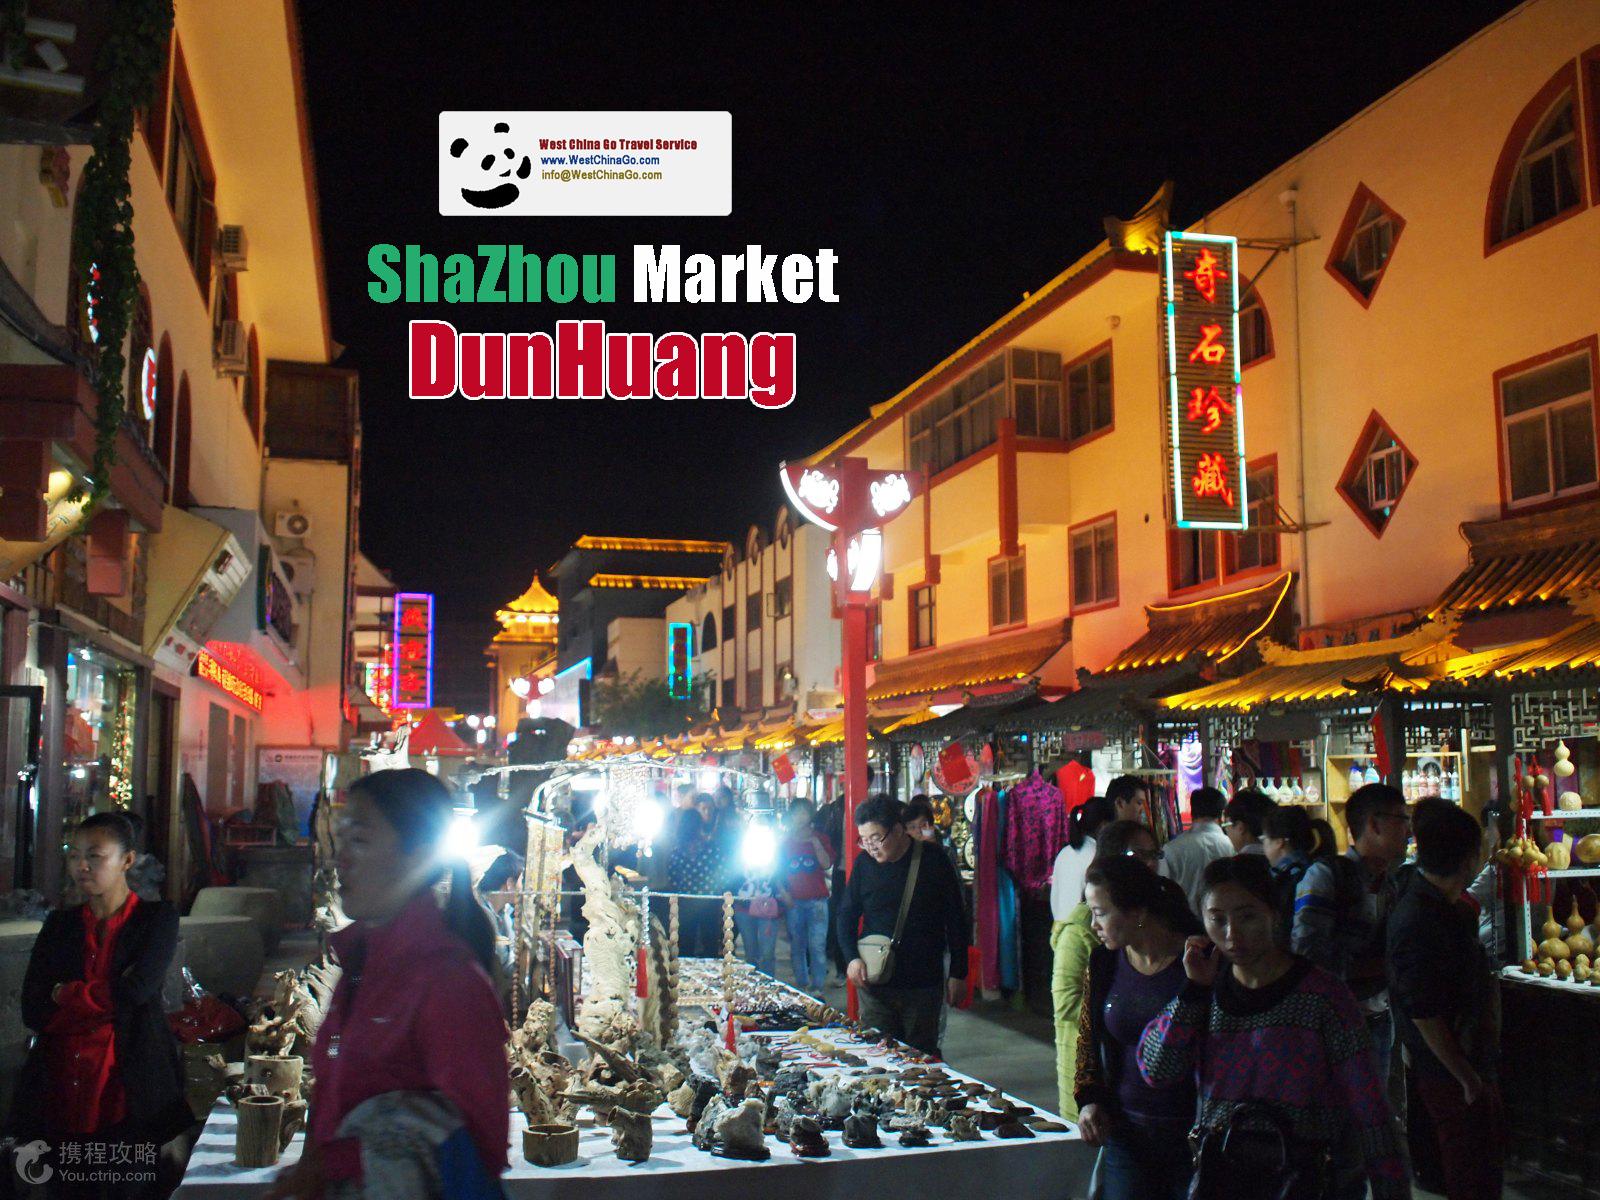 dunhuang tour